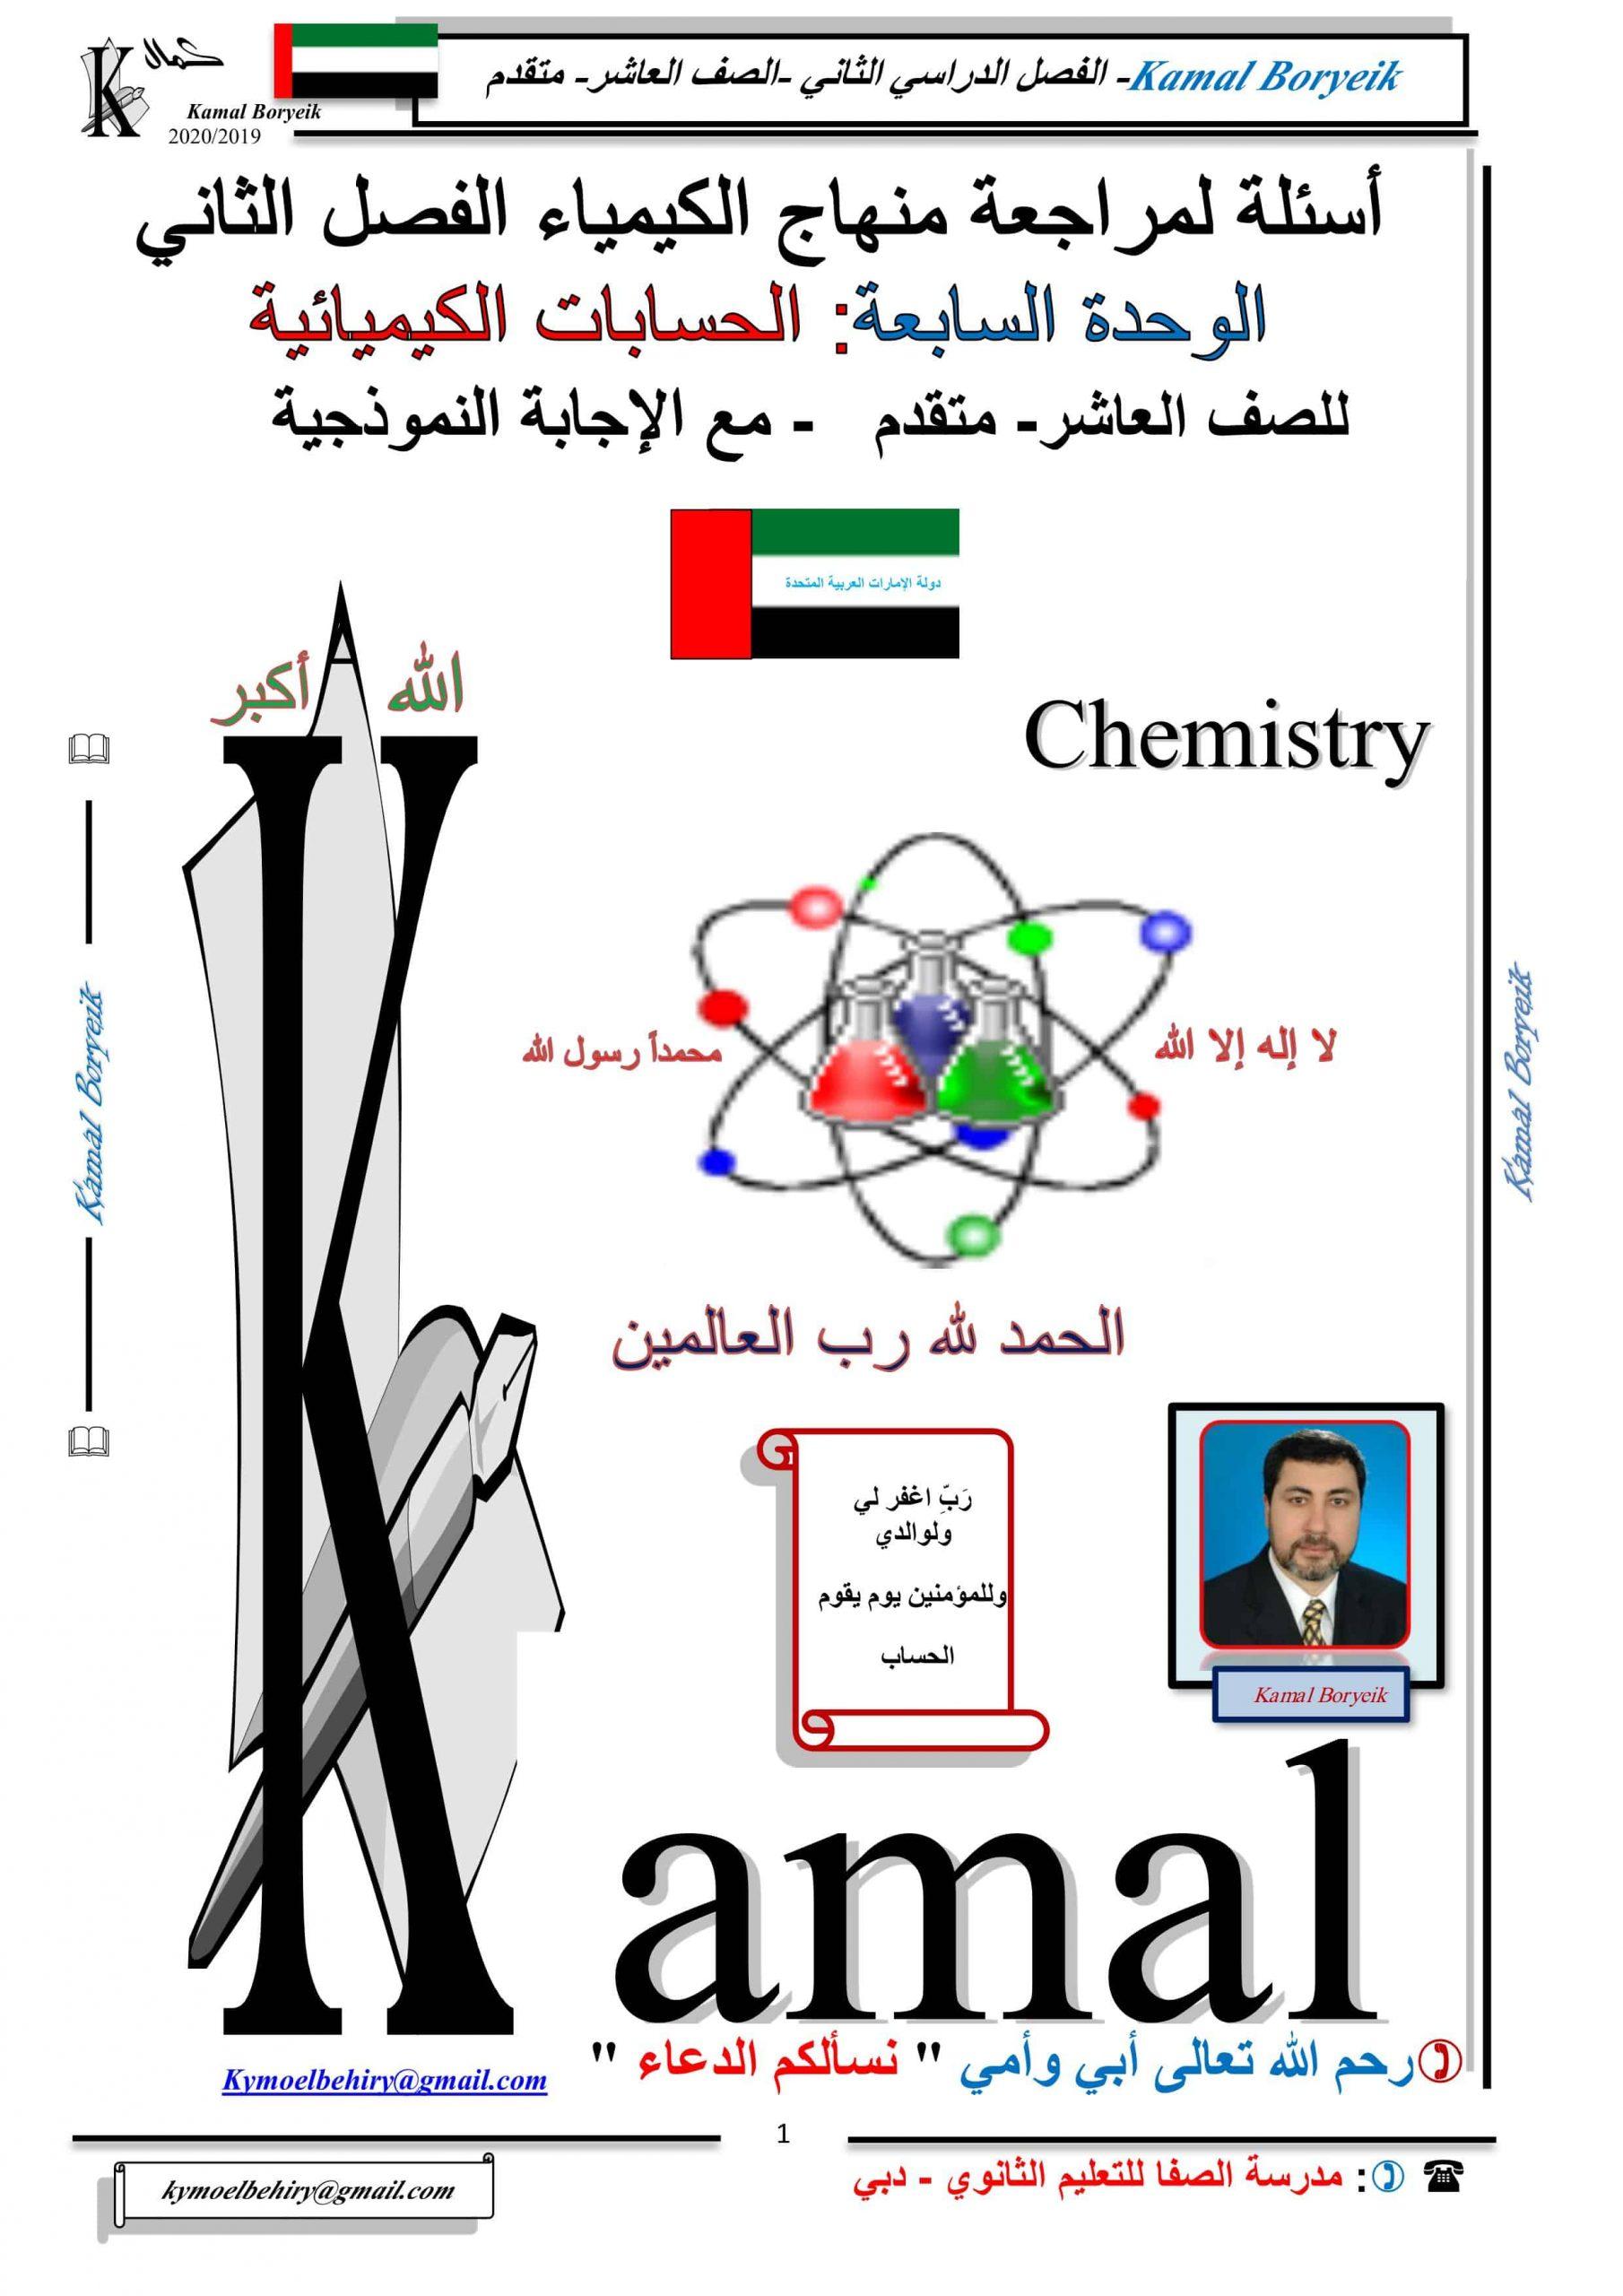 حل أوراق عمل الحسابات الكيميائية الصف العاشر متقدم مادة الكيمياء